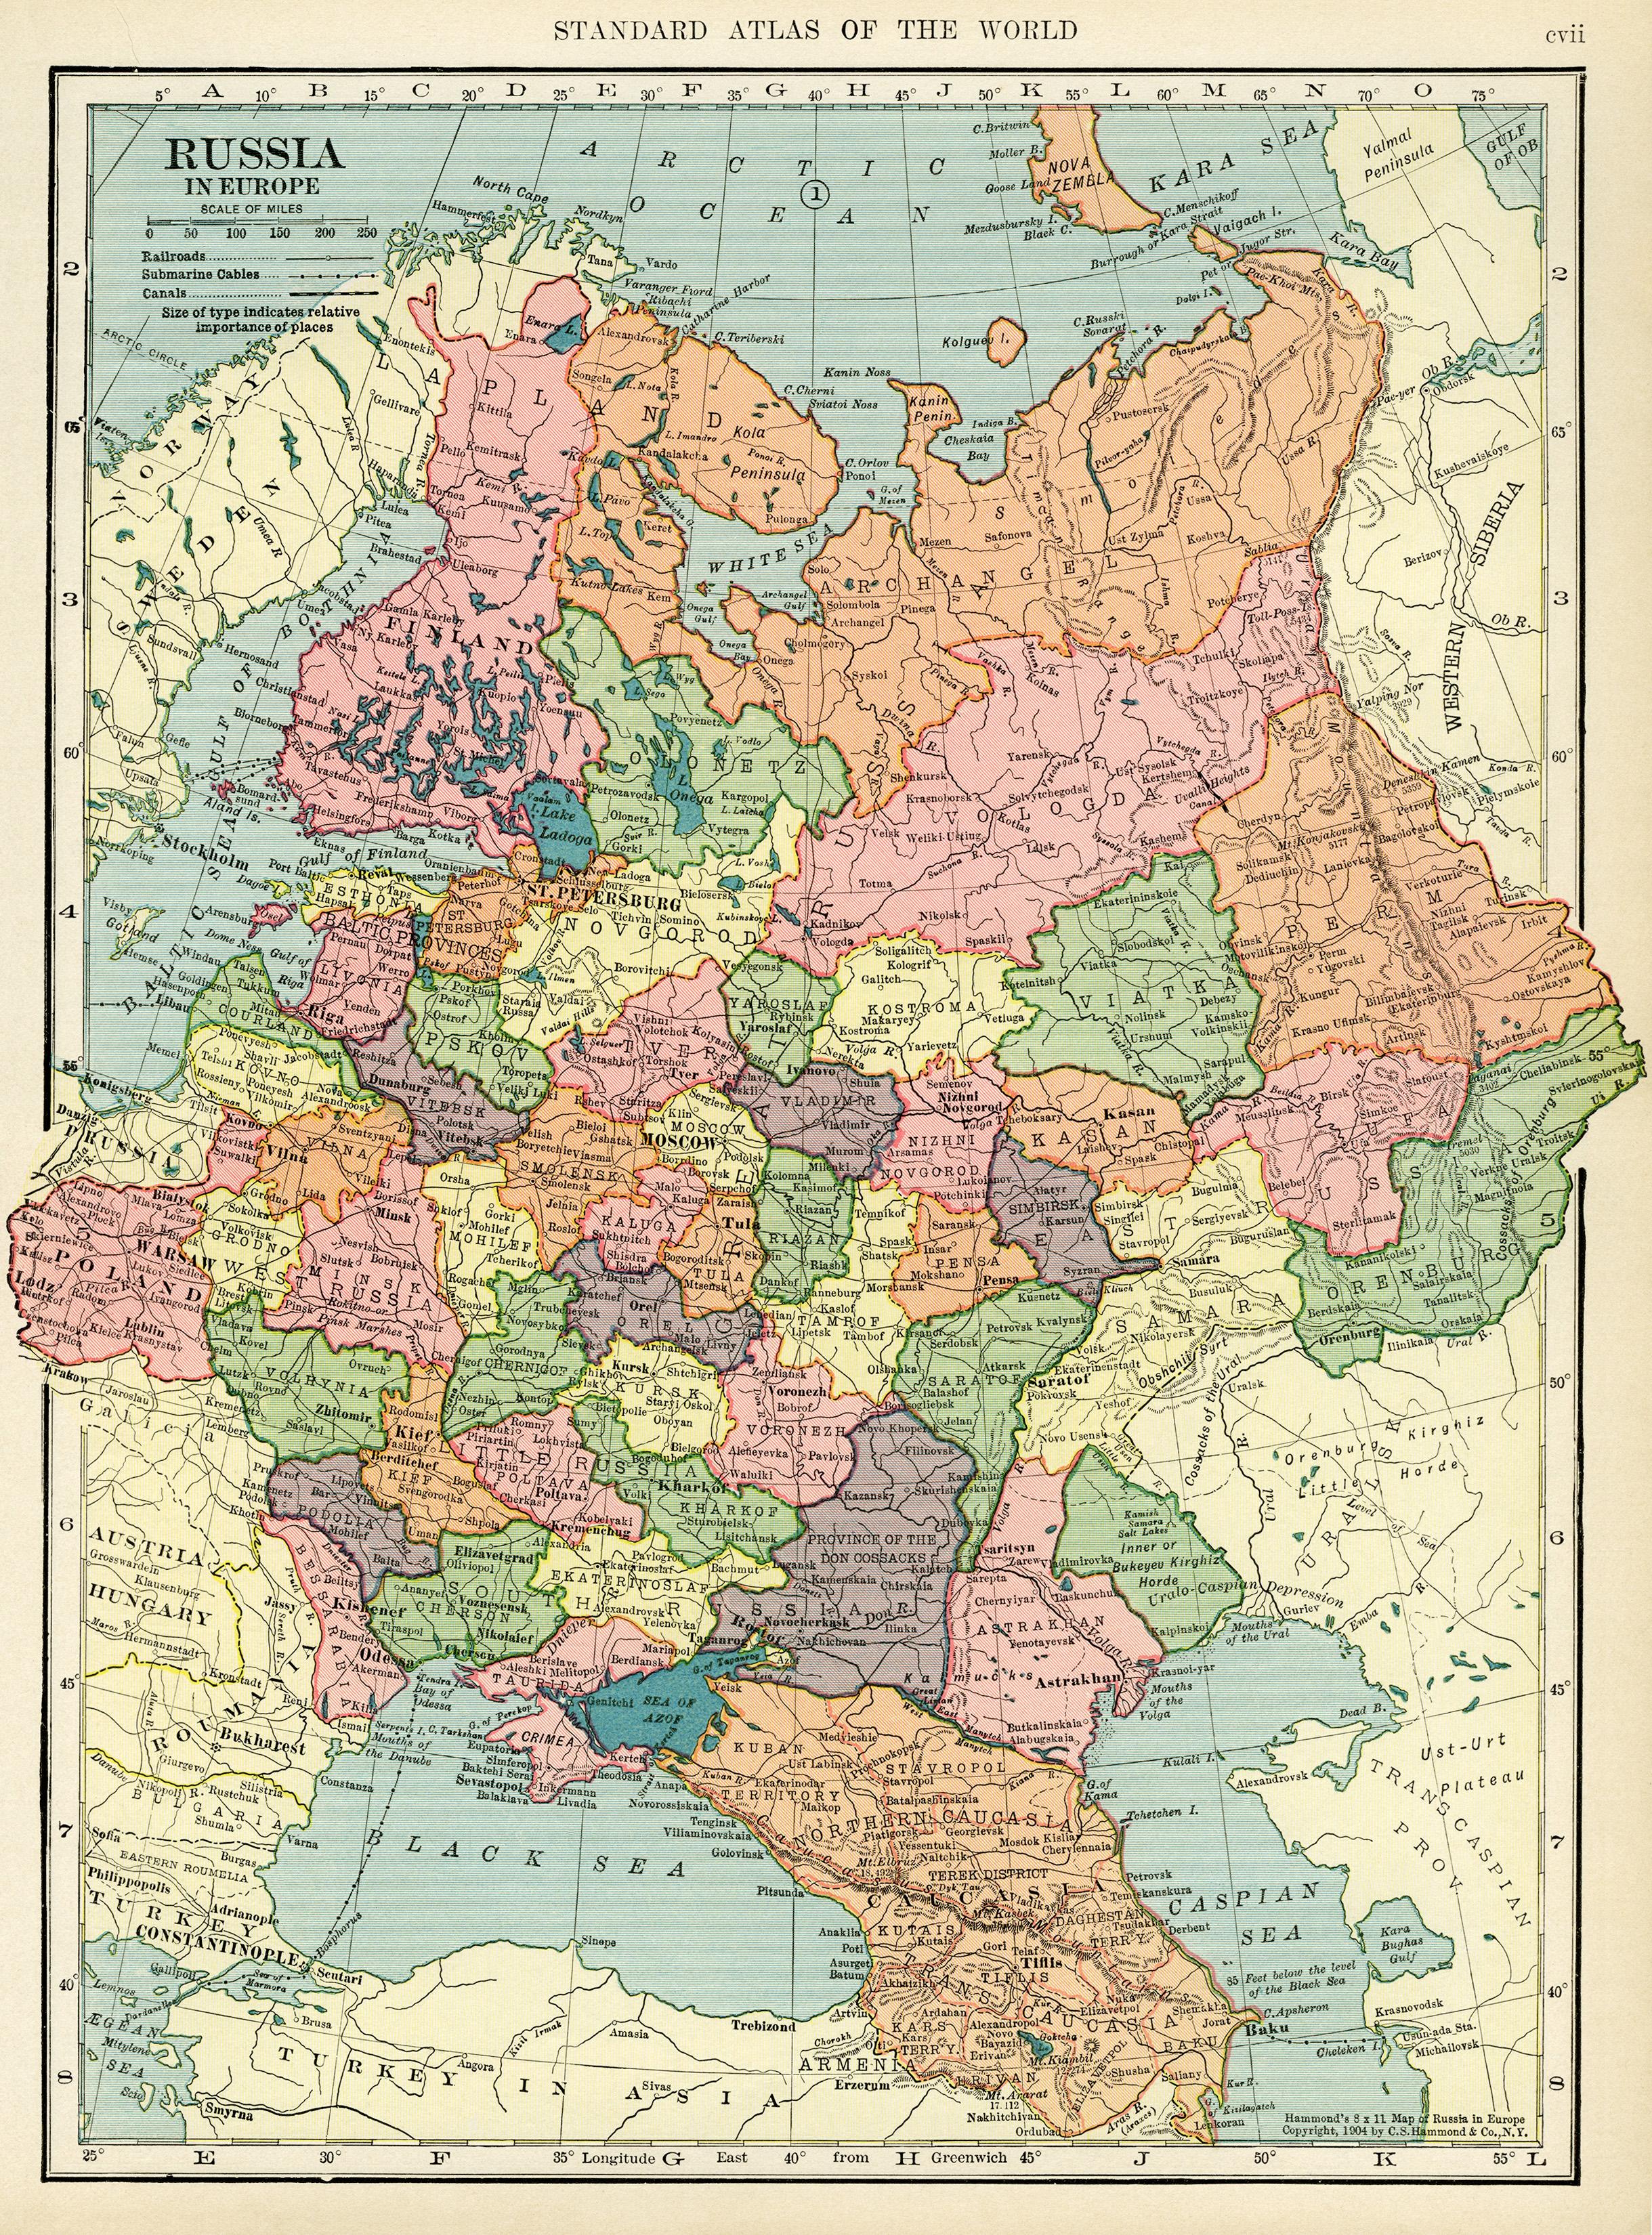 Карта европейской части Российской Империи (России) начала 20 века, 1906 года